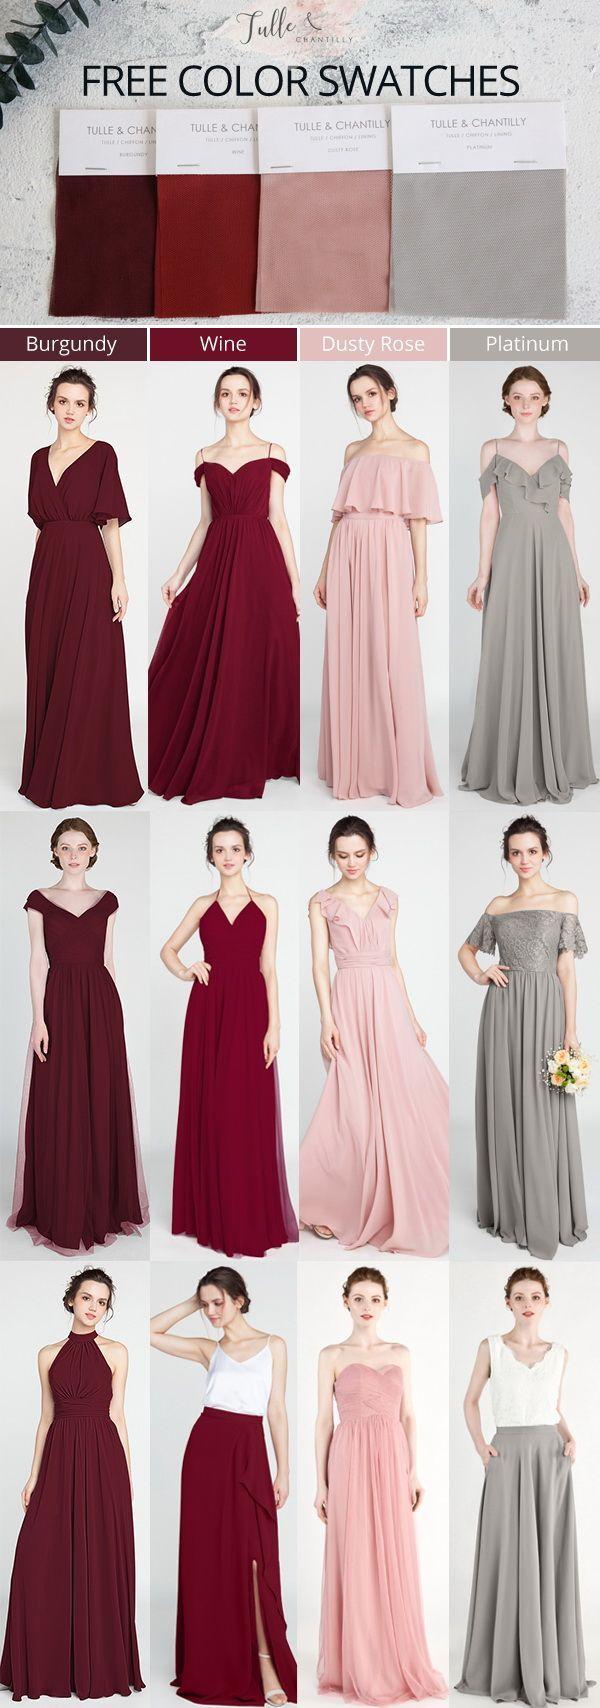 Burgundy Wine Dusty Rose And Platinum Bridesmaid Dresses 2019 Wedding Weddinginspir Burgundy Wedding Dress Wine Bridesmaid Dresses Short Bridesmaid Dresses